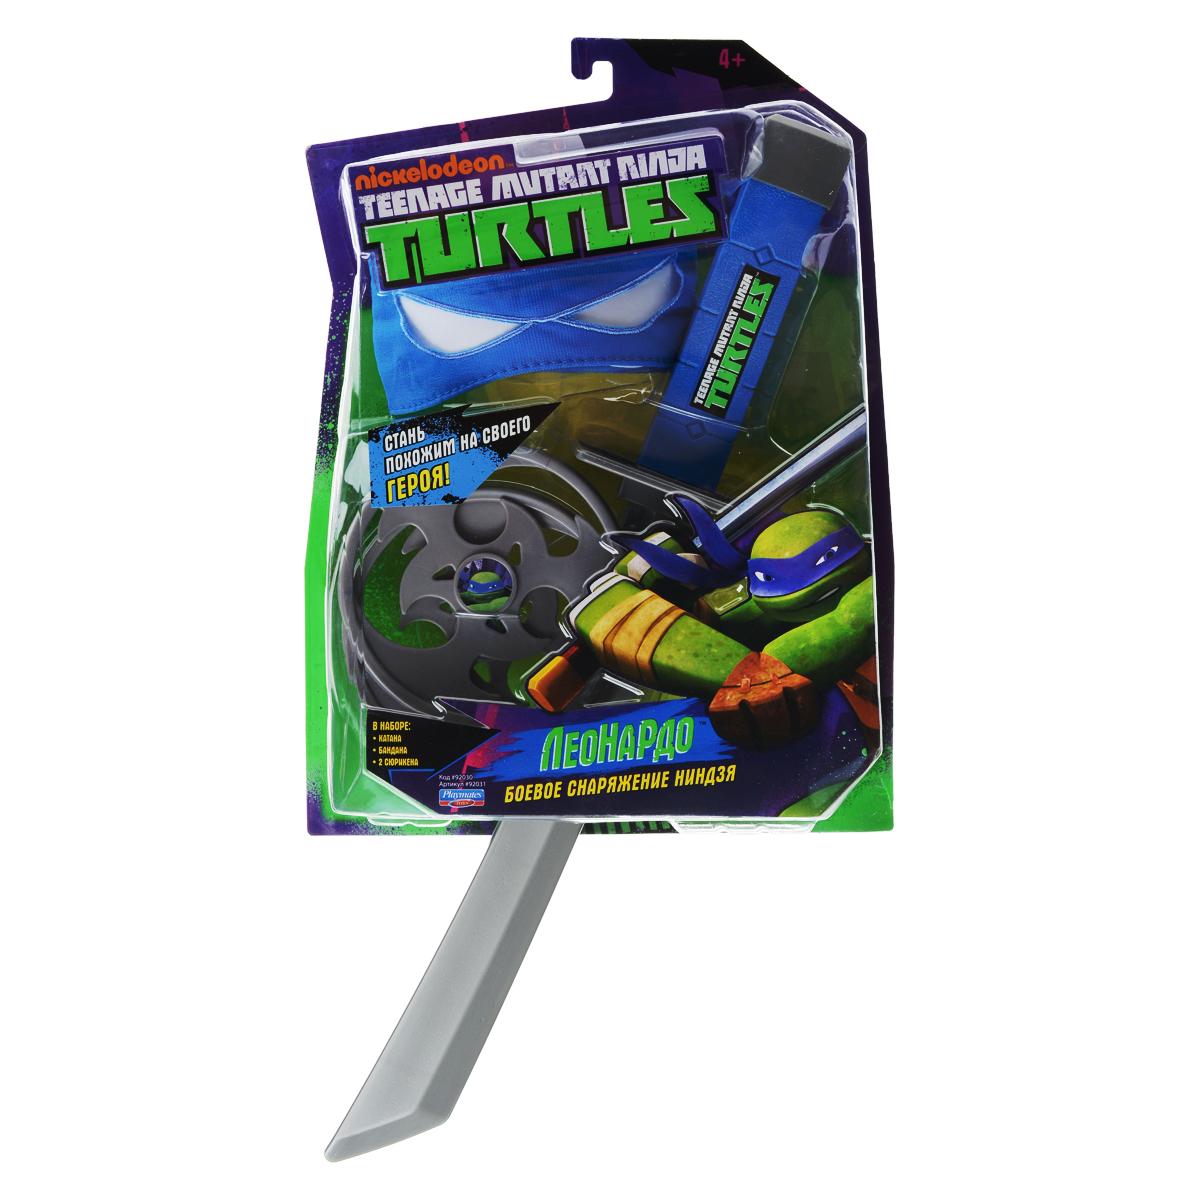 """Игровой набор Turtles """"Боевое снаряжение Черепашки-Ниндзя: Леонардо"""", 4 предмета"""